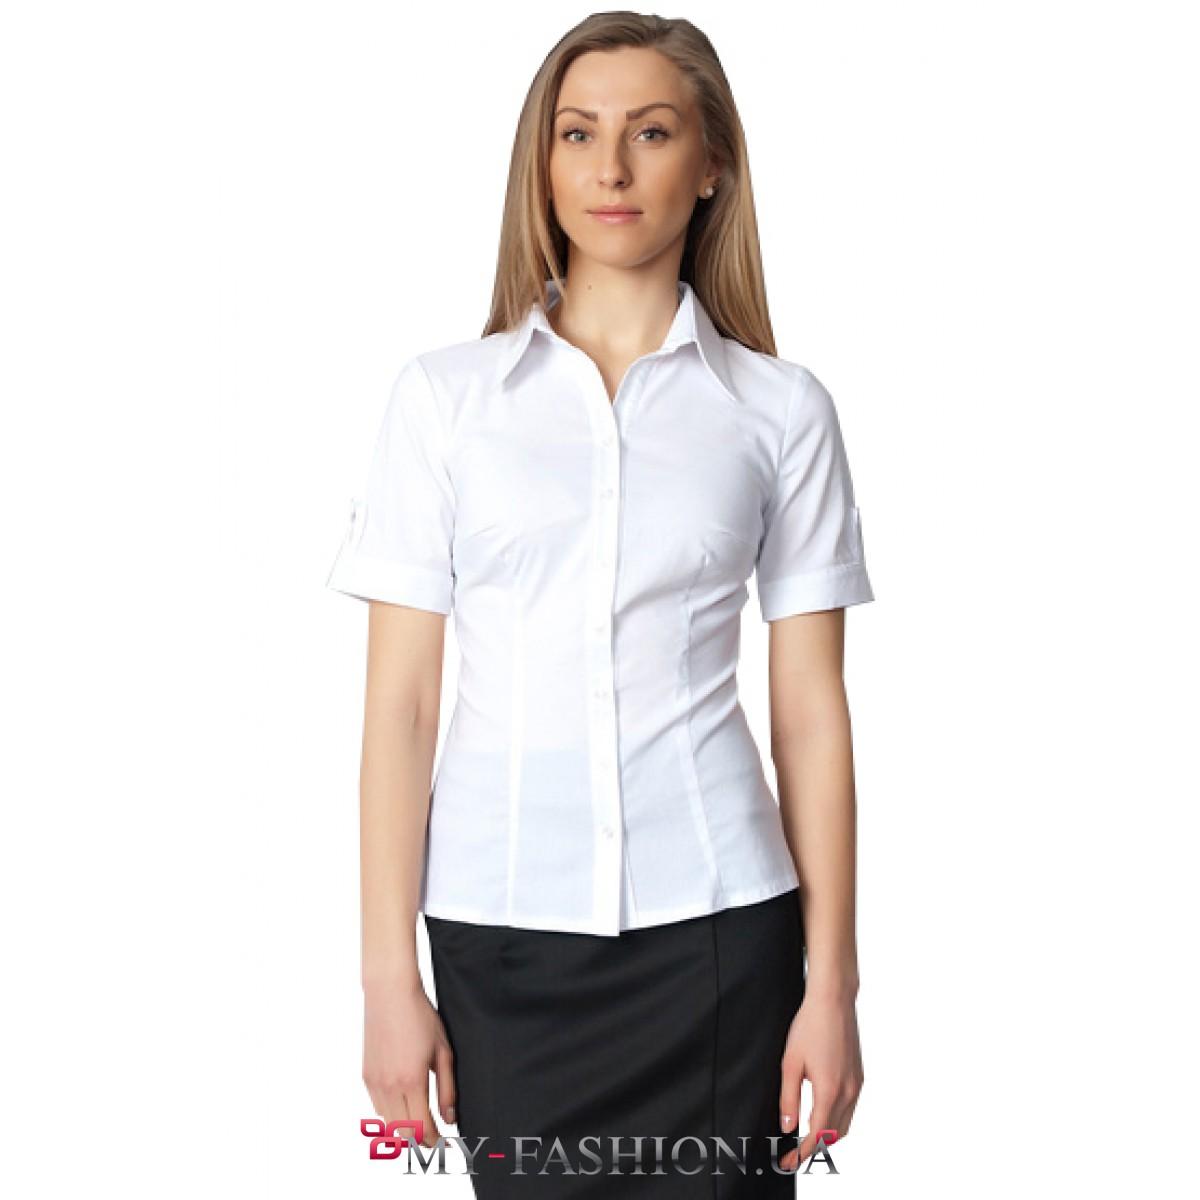 Дешевая качественная одежда интернет магазин доставка